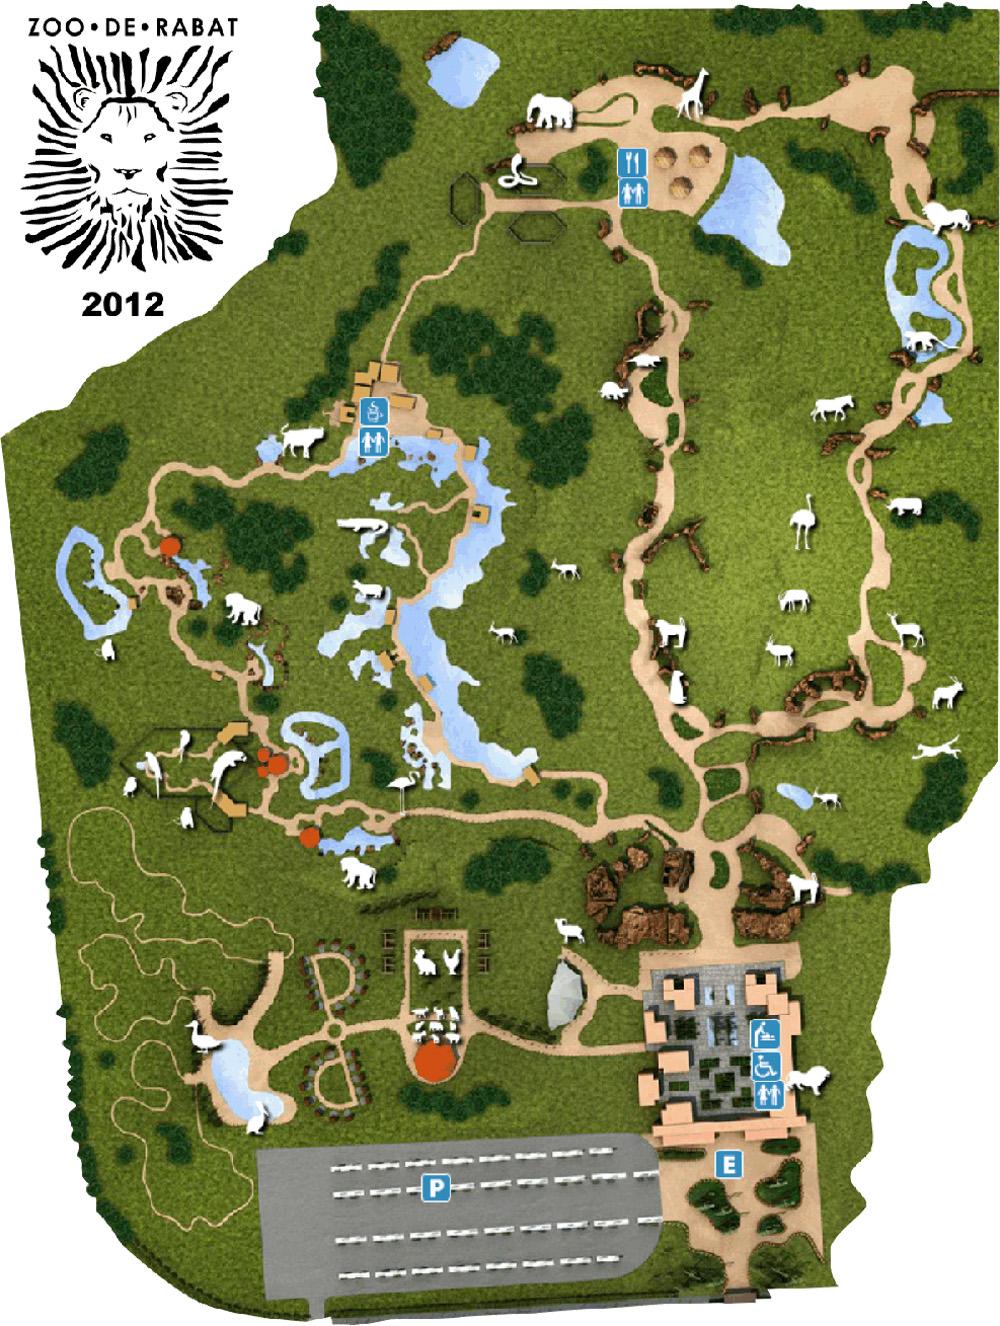 Les zoos dans le monde jardin zoologique de rabat for Le jardin zoologique